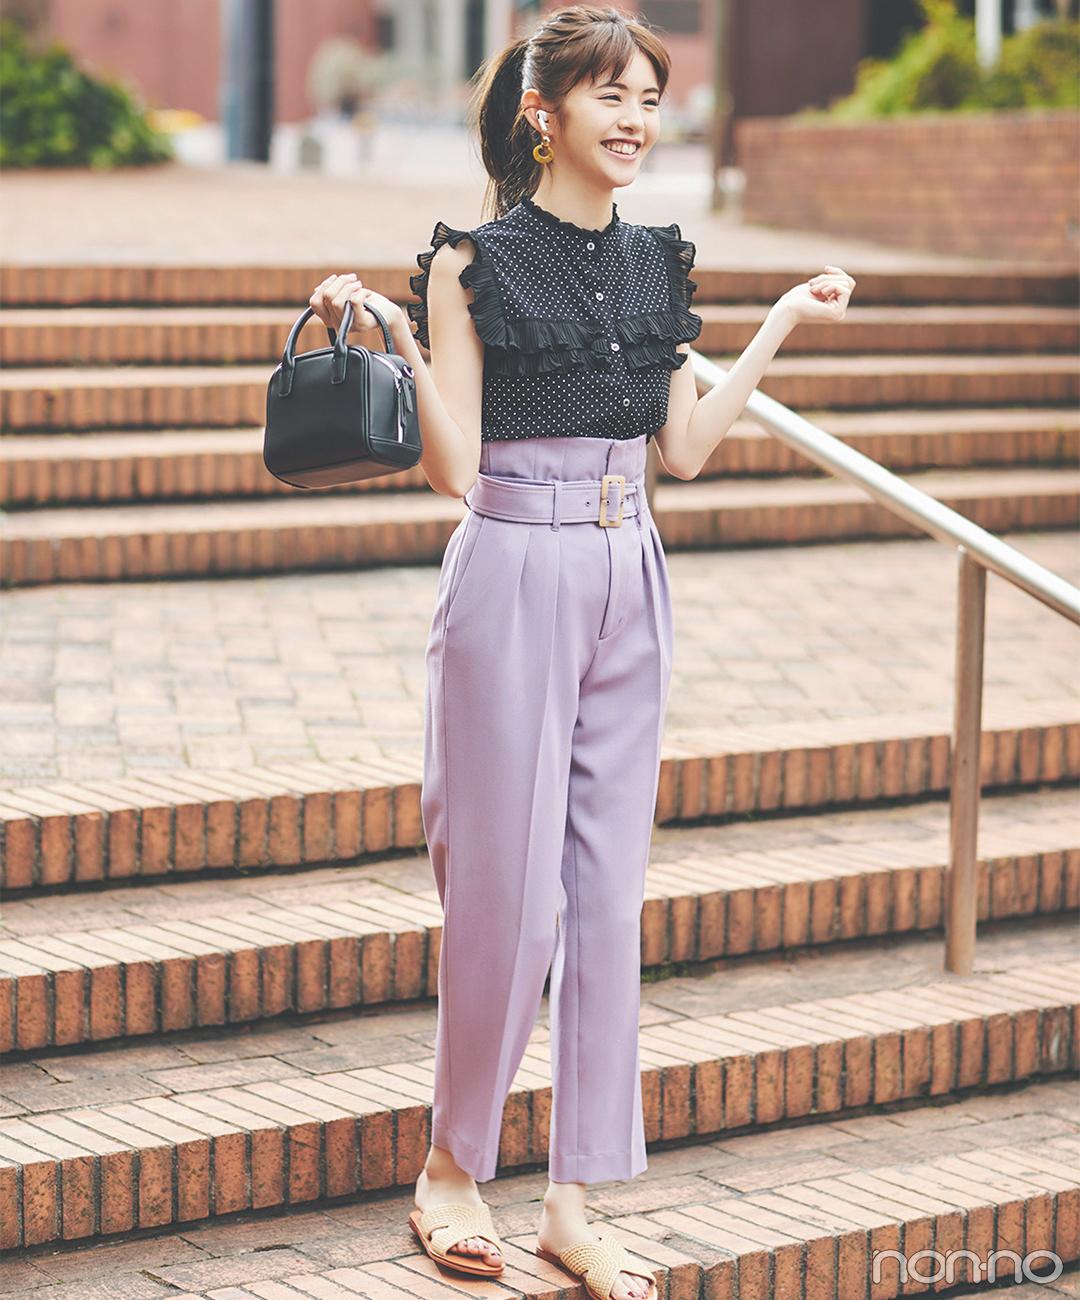 美人見え&スタイルアップを同時に叶えるラベンダー色パンツ【毎日コーデ】